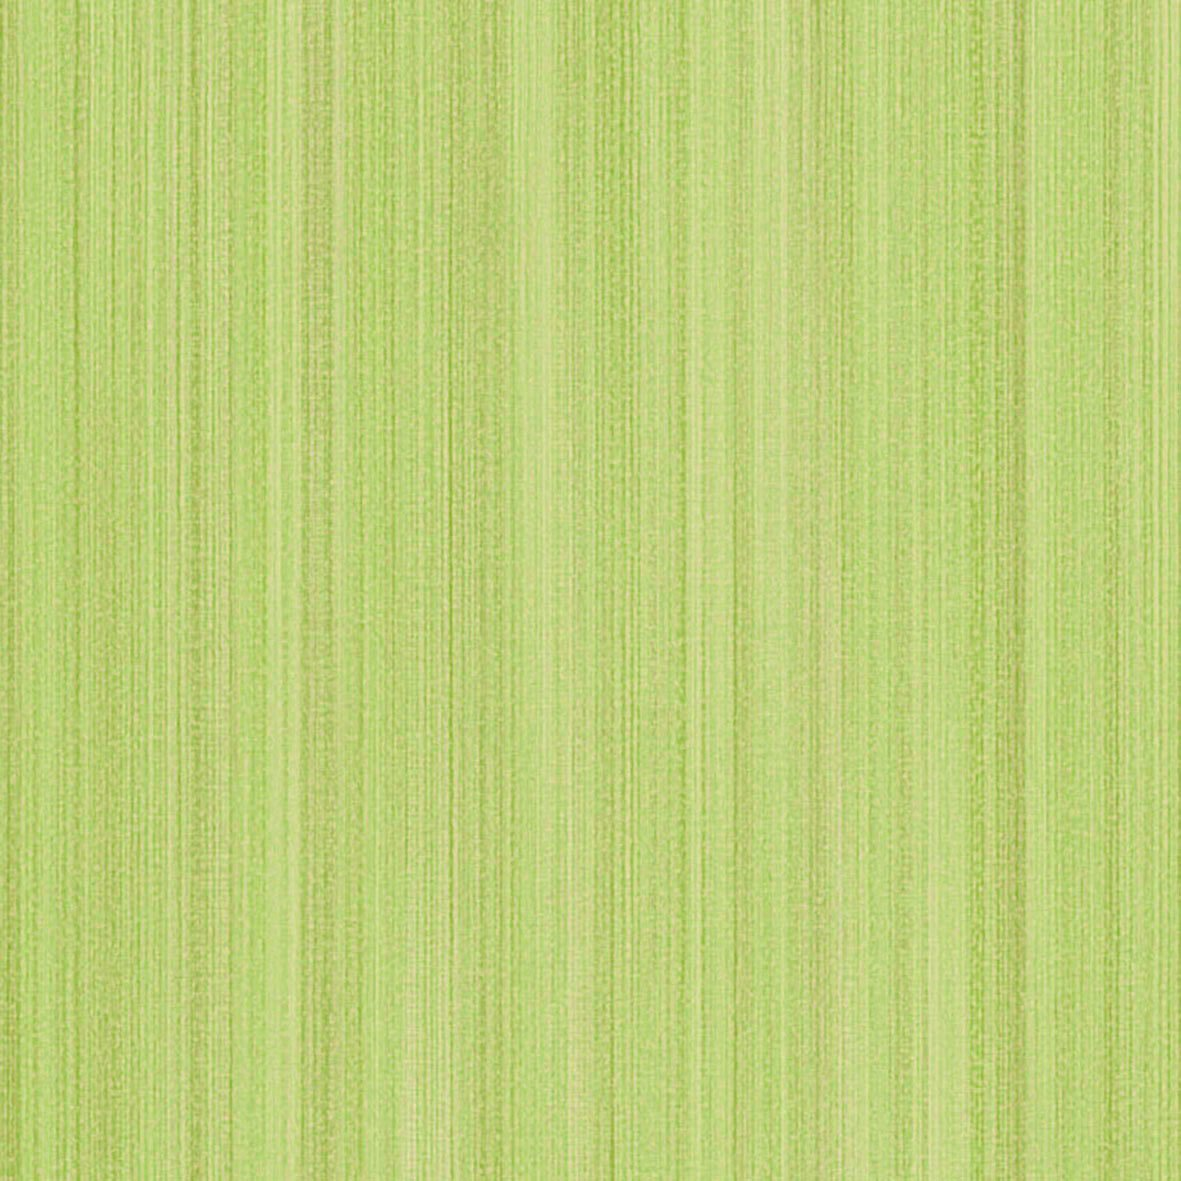 リリカラ 壁紙38m シンフル ストライプ グリーン LL-8604 B01MXDLLDA 38m|グリーン1